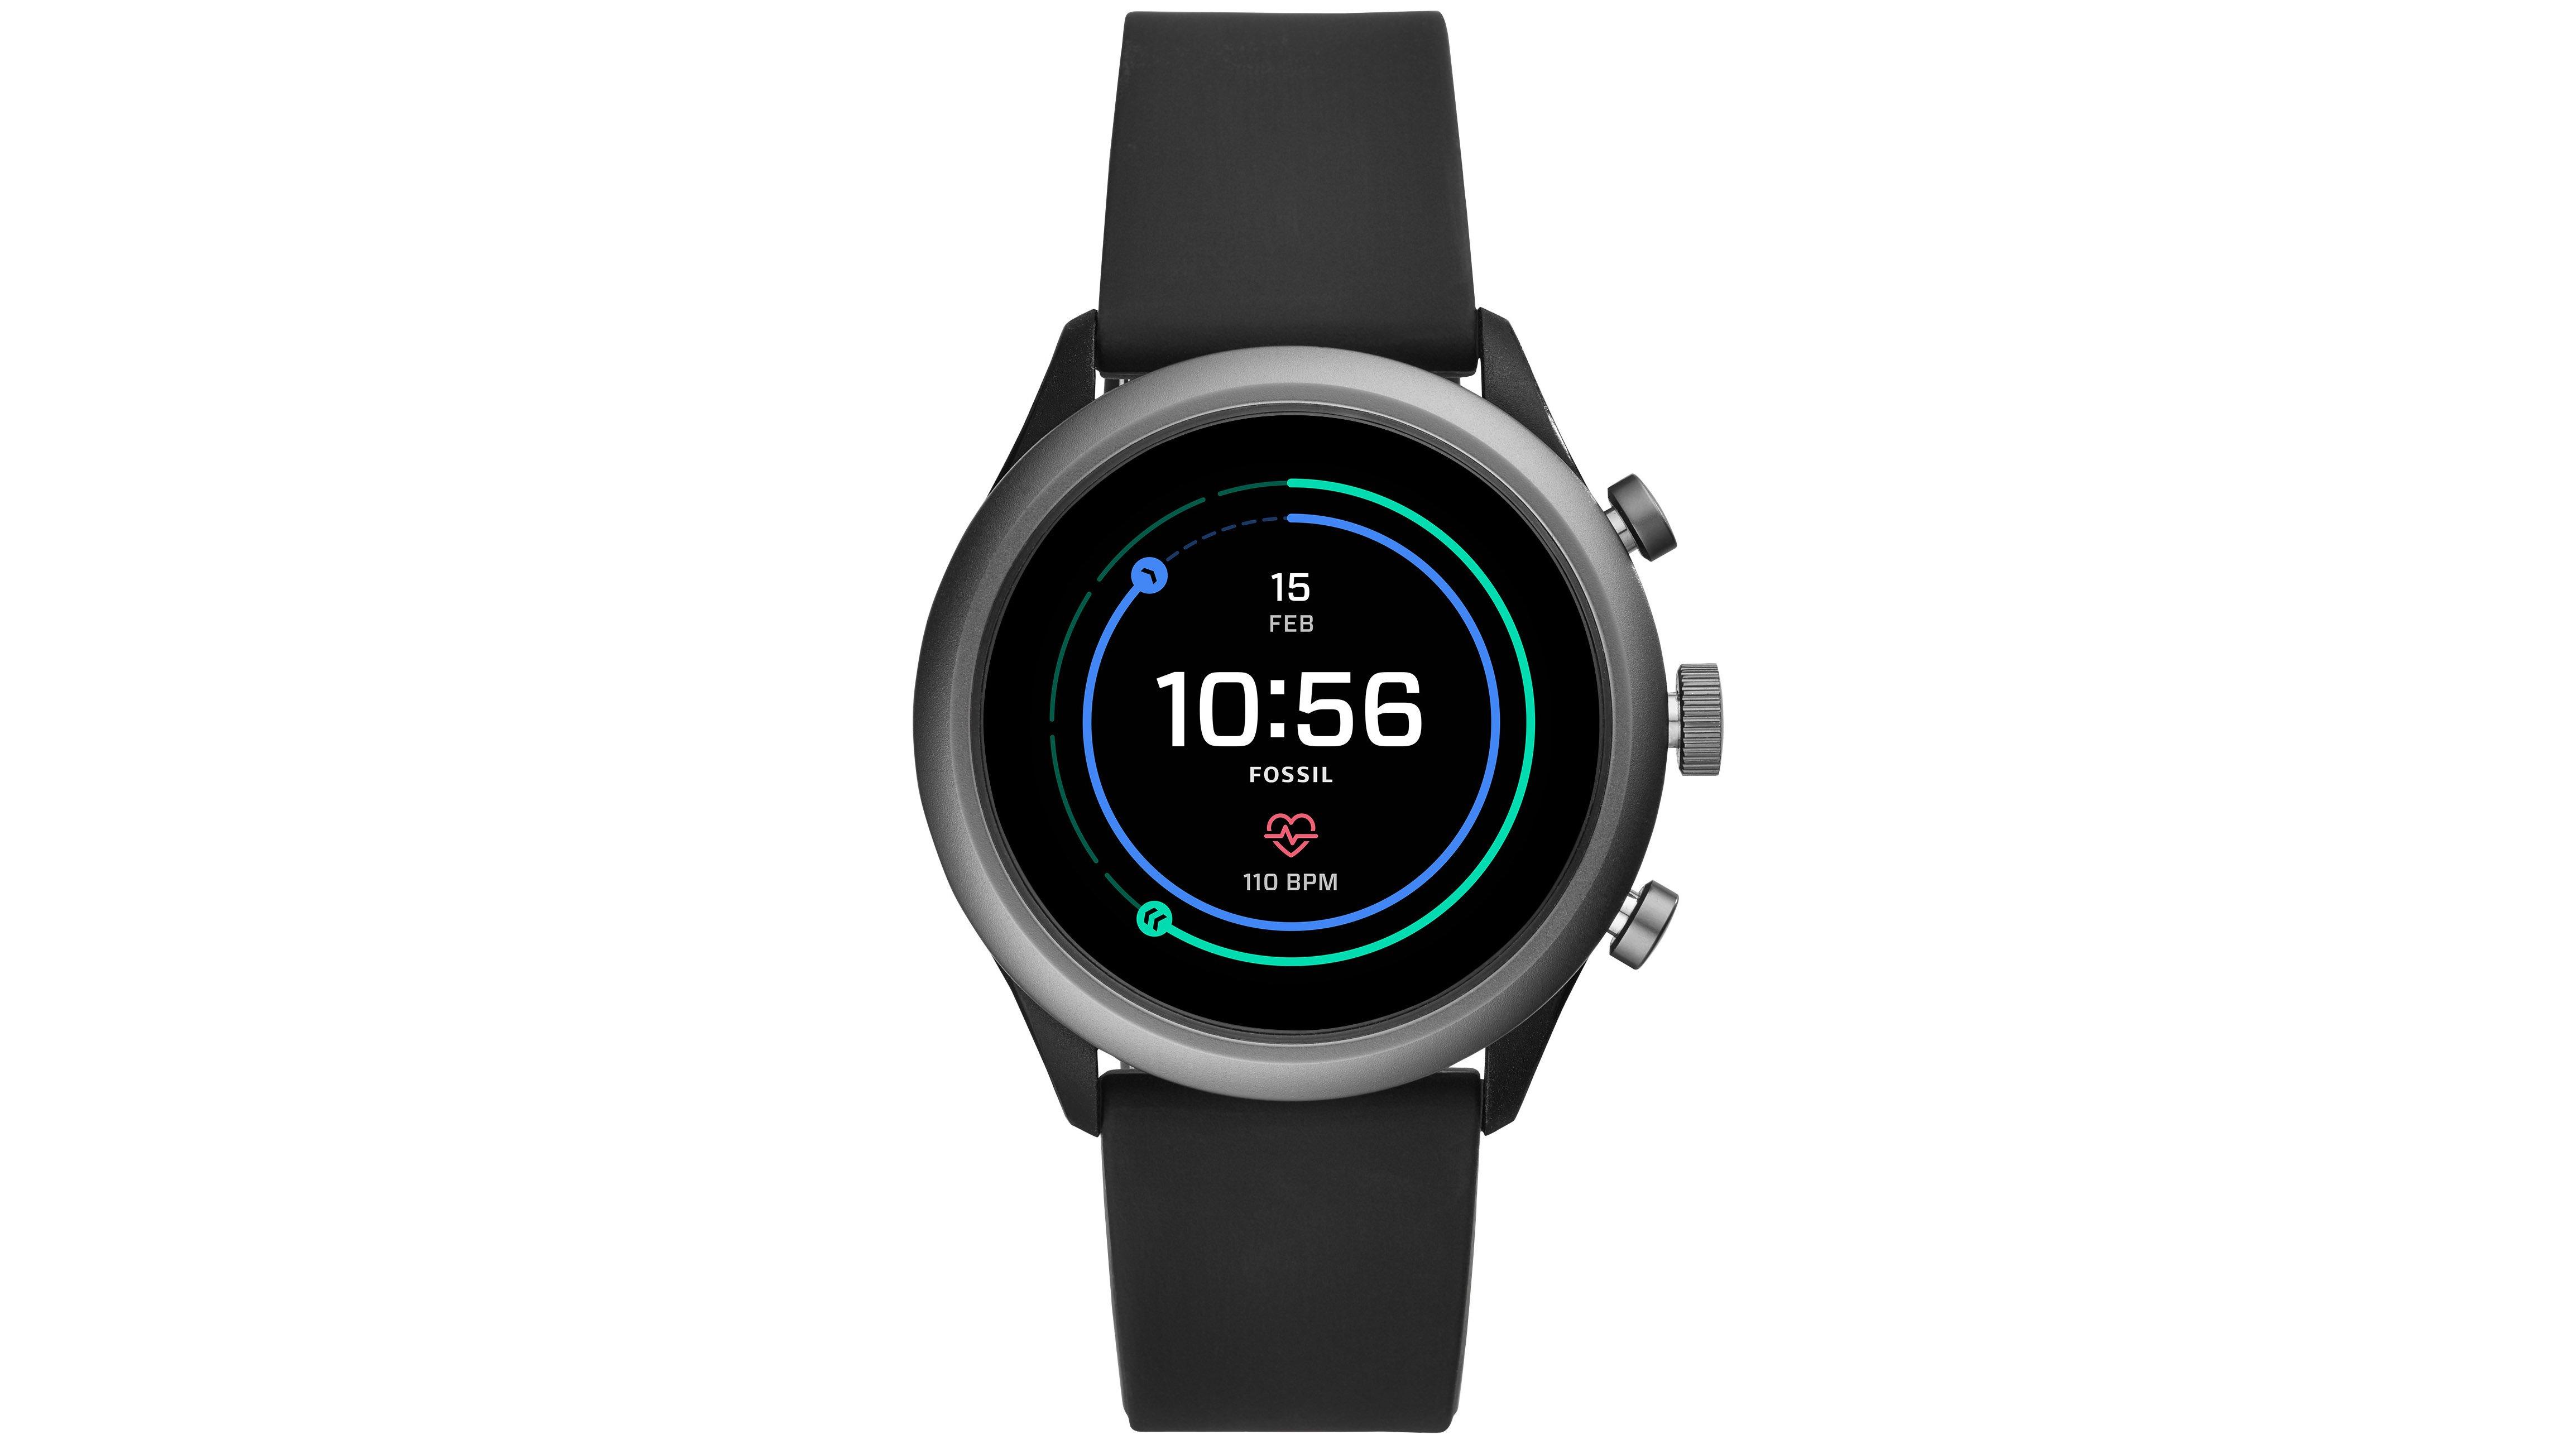 Fossil unveils new Sport smartwatch | Expert Reviews